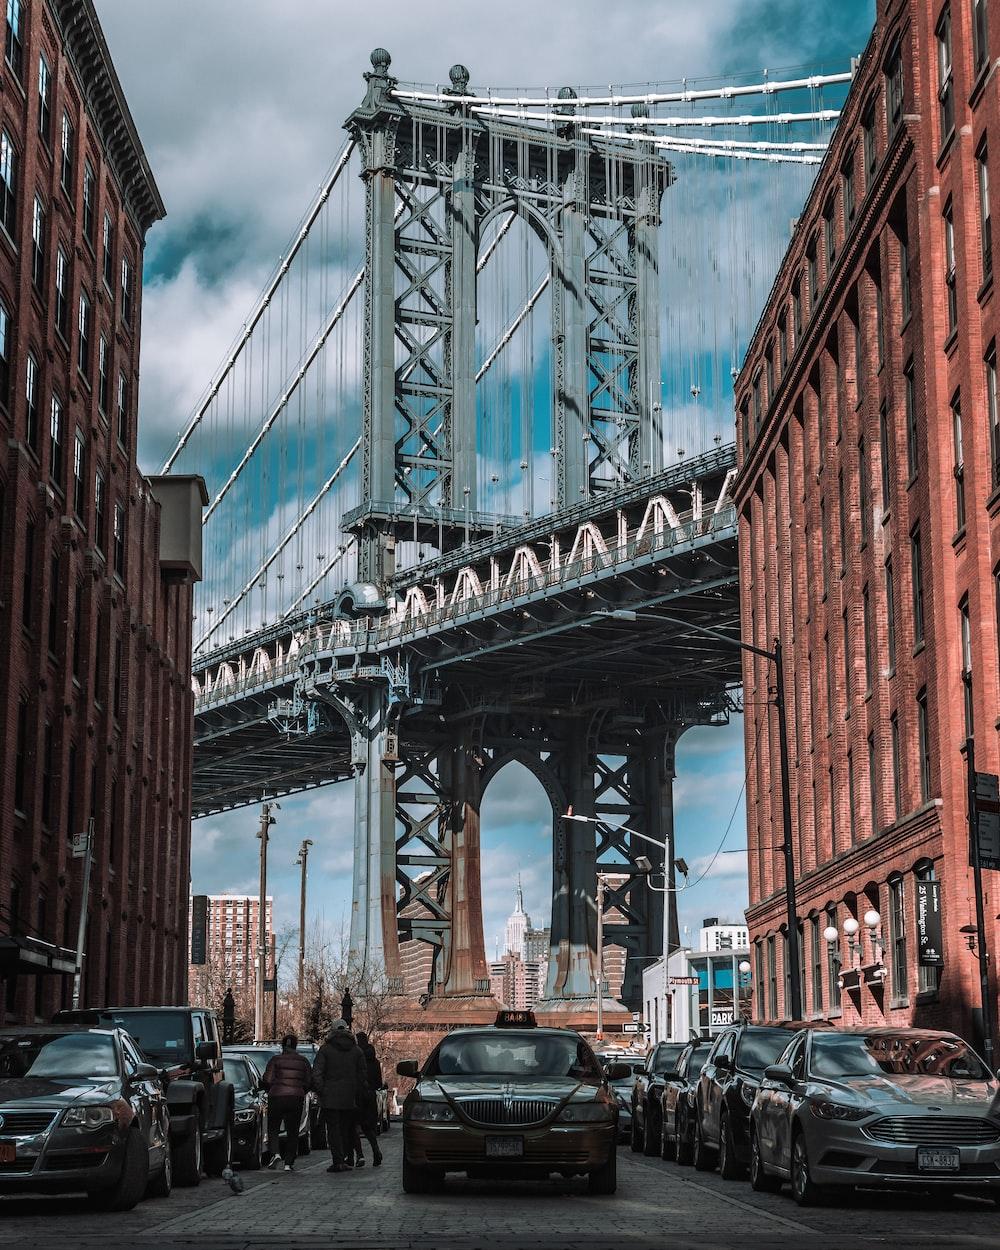 gray bridge on focus photography